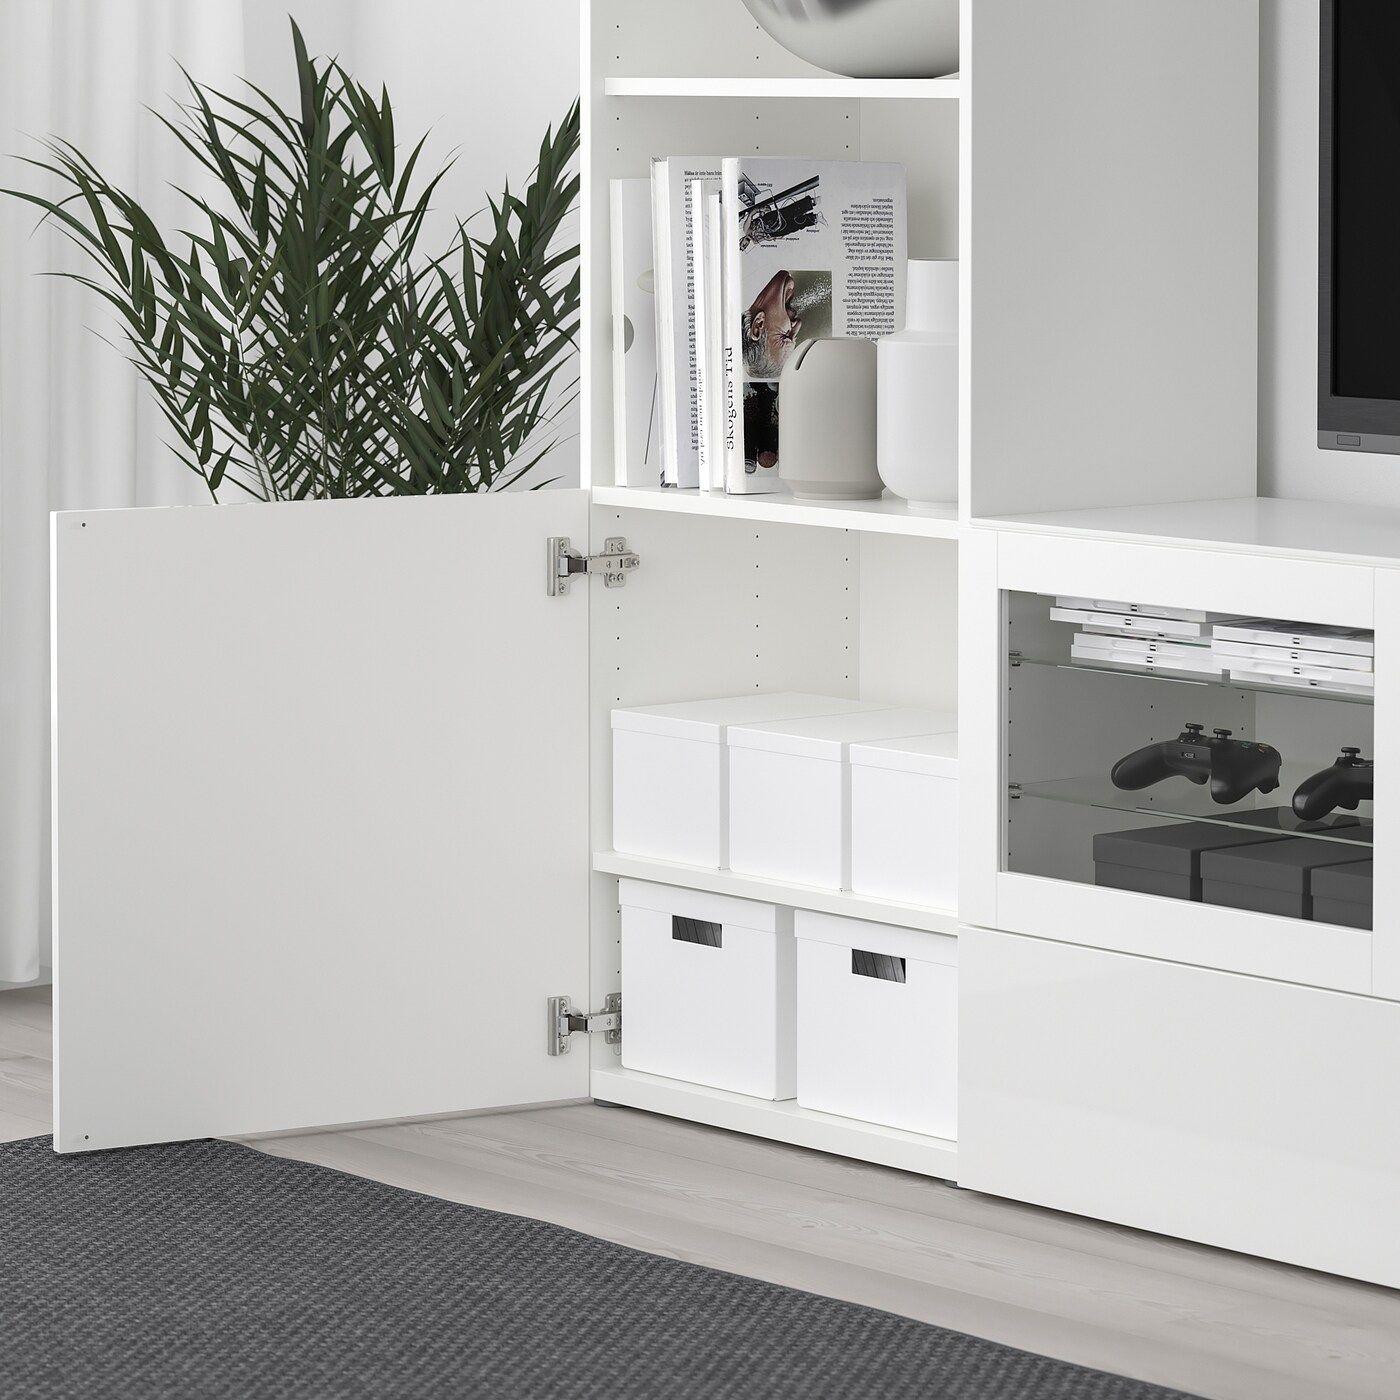 TJENA Förvaringslåda med lock, vit, 9x9x9 cm - IKEA in 9